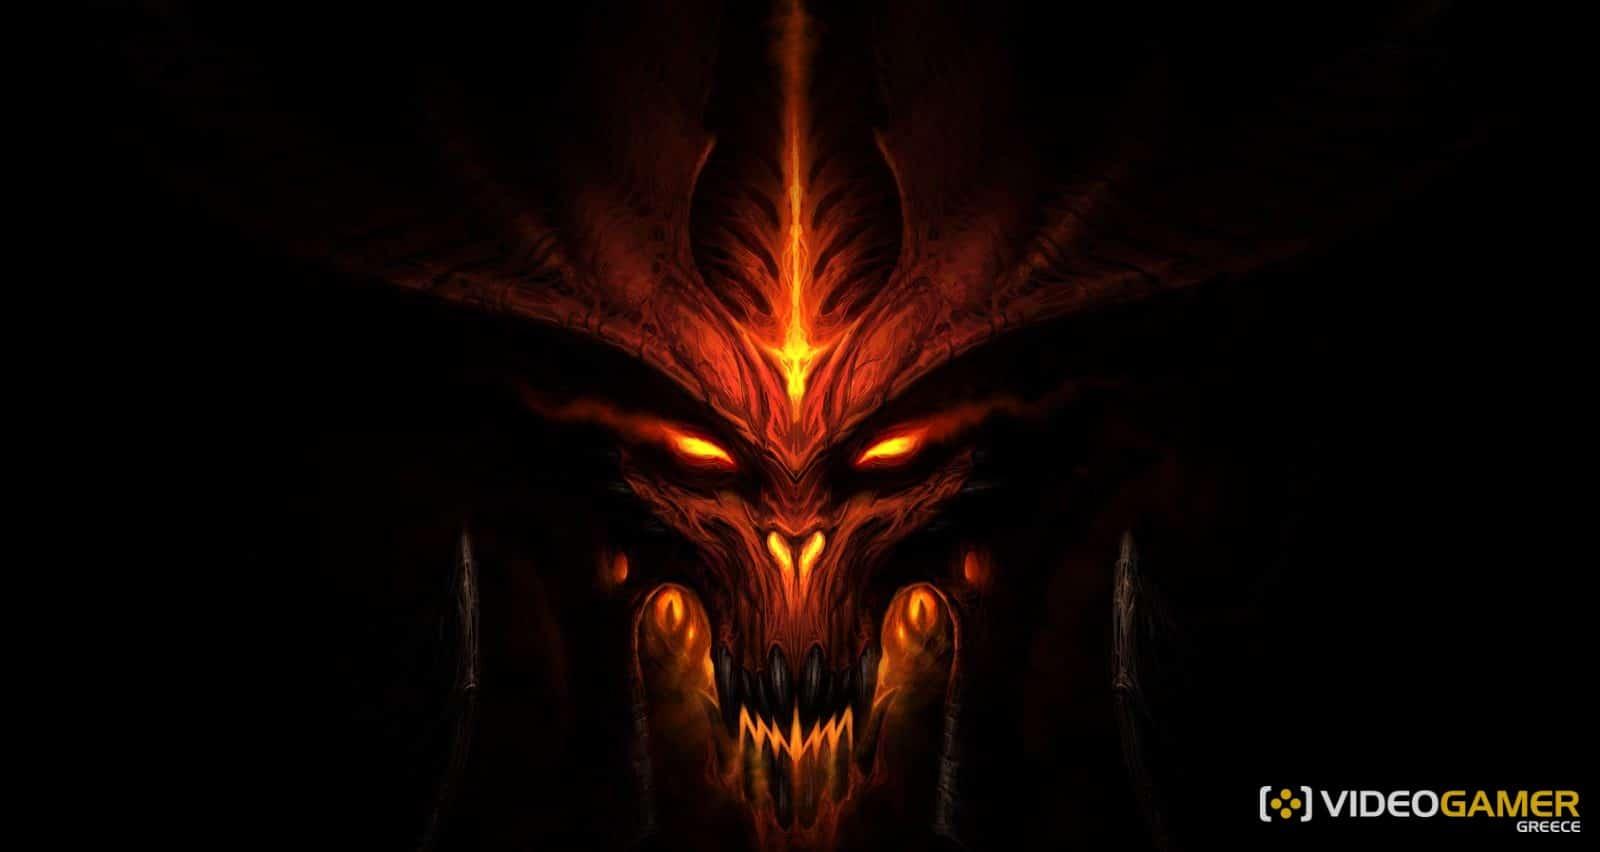 Προσλήψεις για Diablo τίτλο από την Blizzard - videogamer.gr